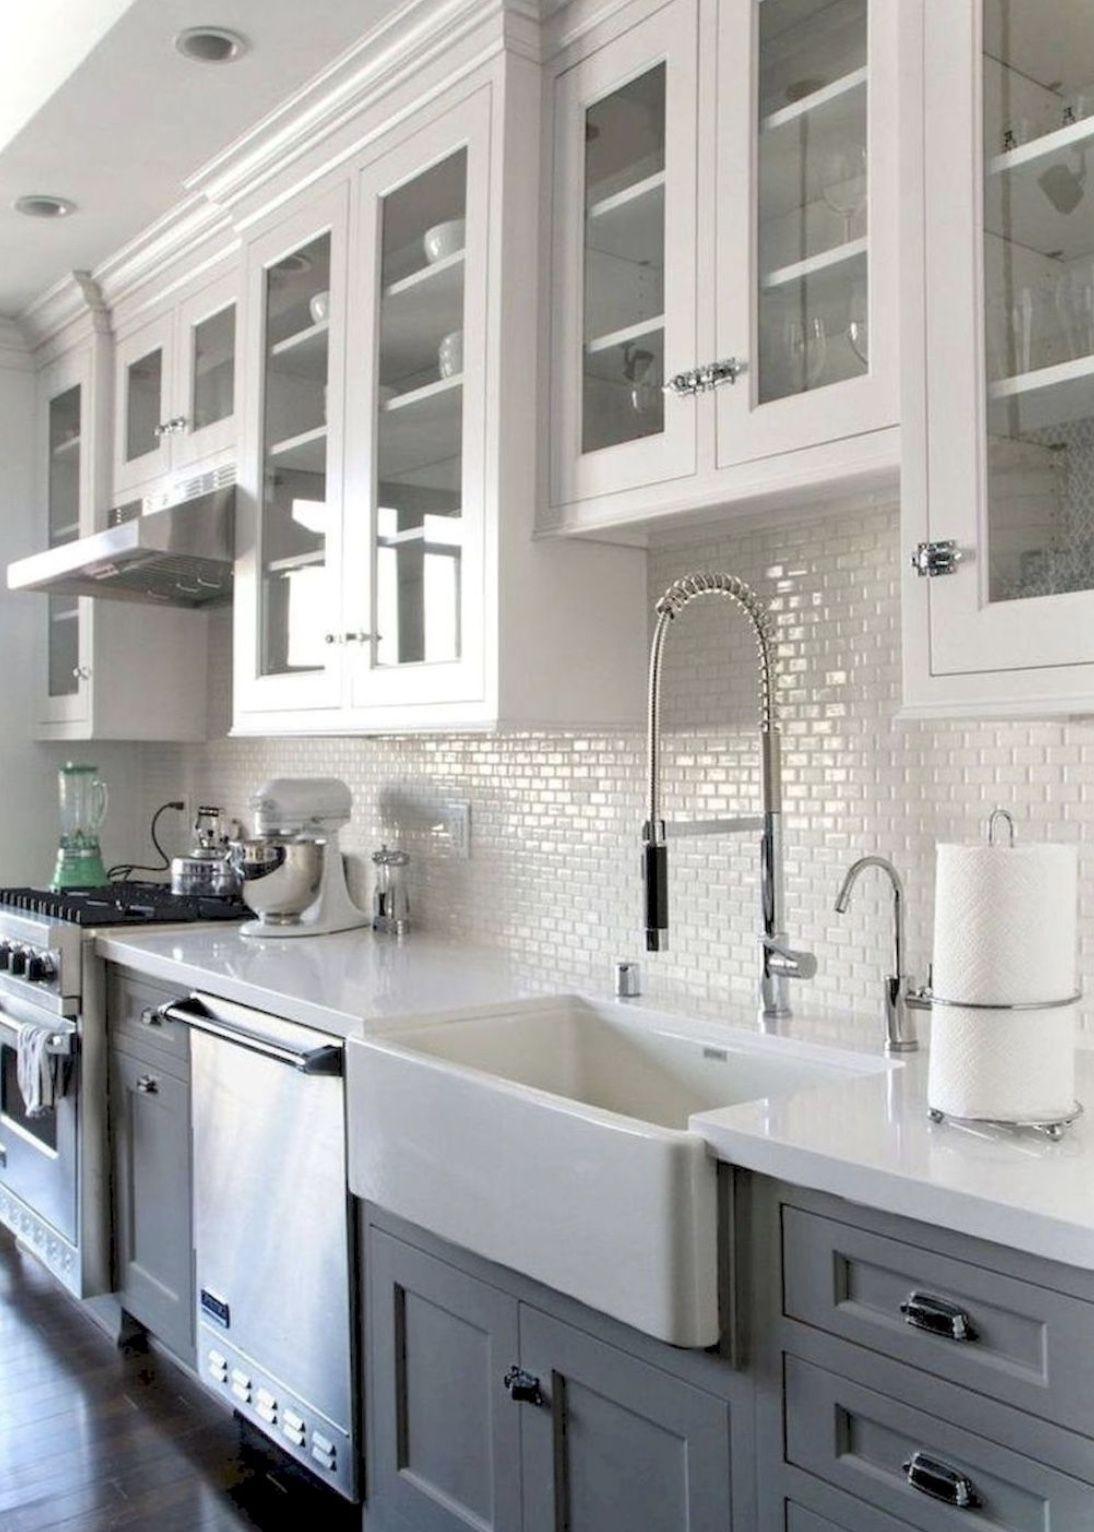 Cupboard Latches In Black For Wall Cabinetry Kitchen Backsplash Designs Kitchen Cabinet Design White Kitchen Design